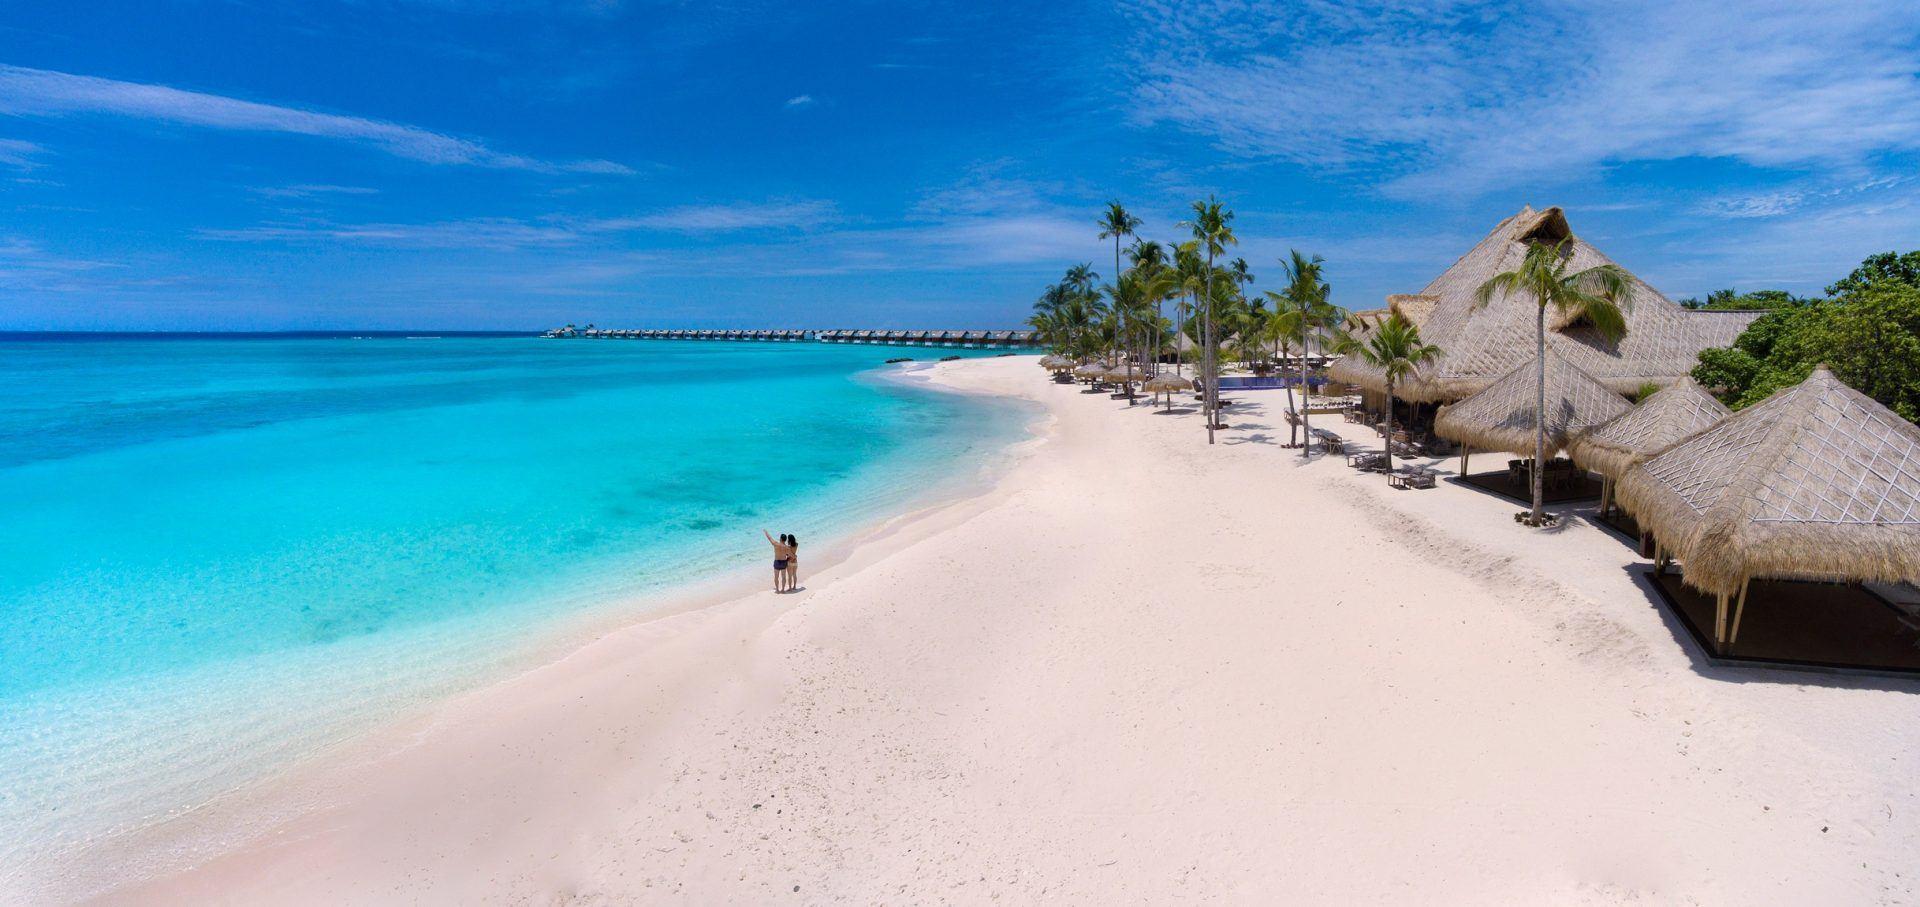 emerald maldives aerial beach 1920x907 - Emerald Maldives Resort & Spa, Malediven